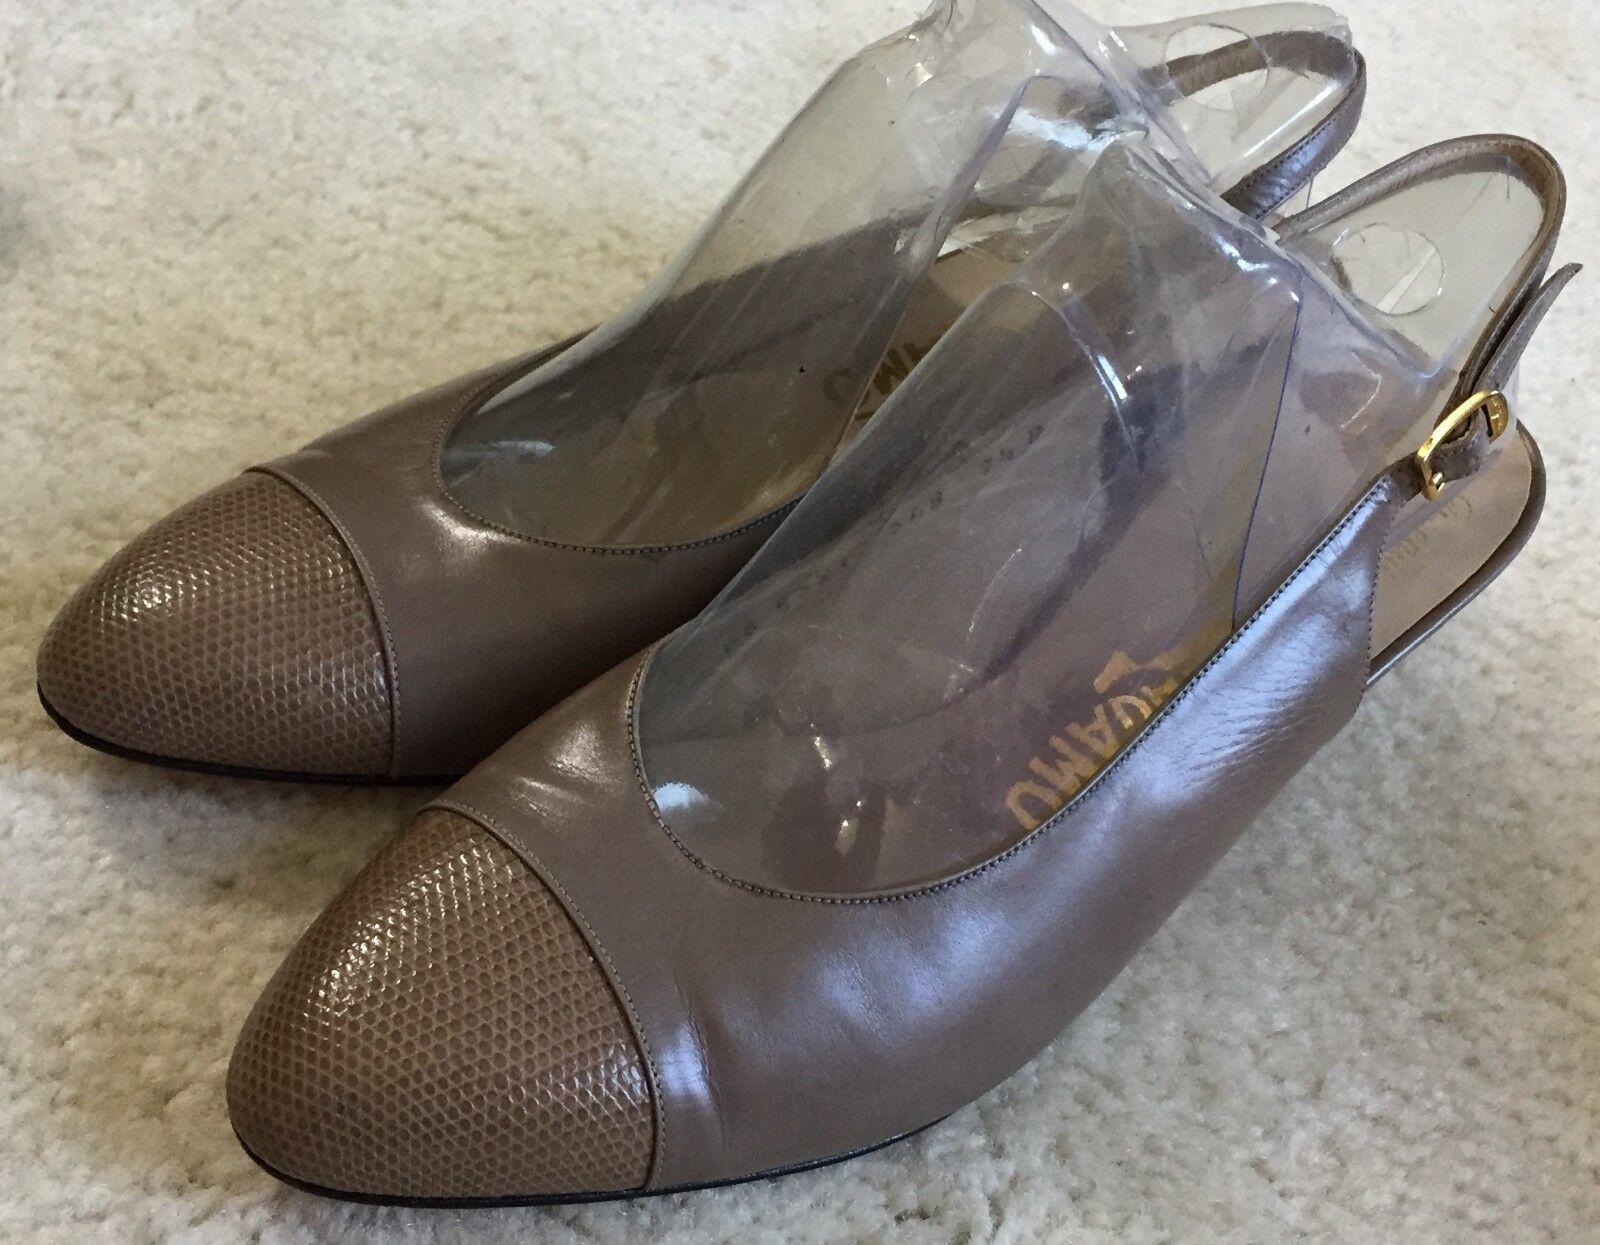 Women's Salvatore Ferragamo Taupe Leather Slingback Cap Toe Pumps shoes 7.5 M